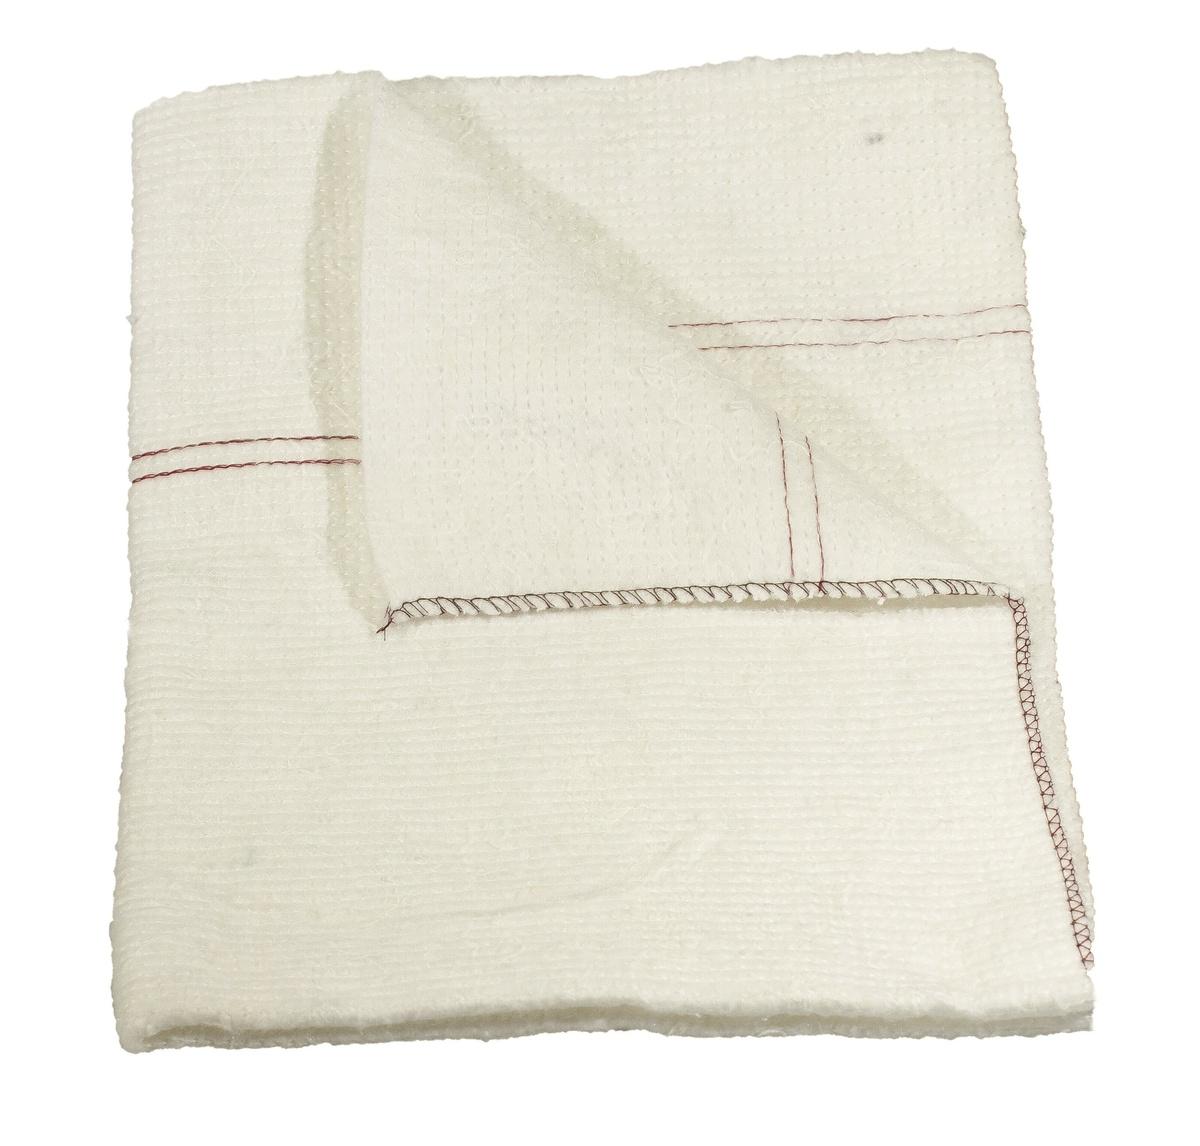 Handra na podlahu netkaná 60 x 70 cm, biela,